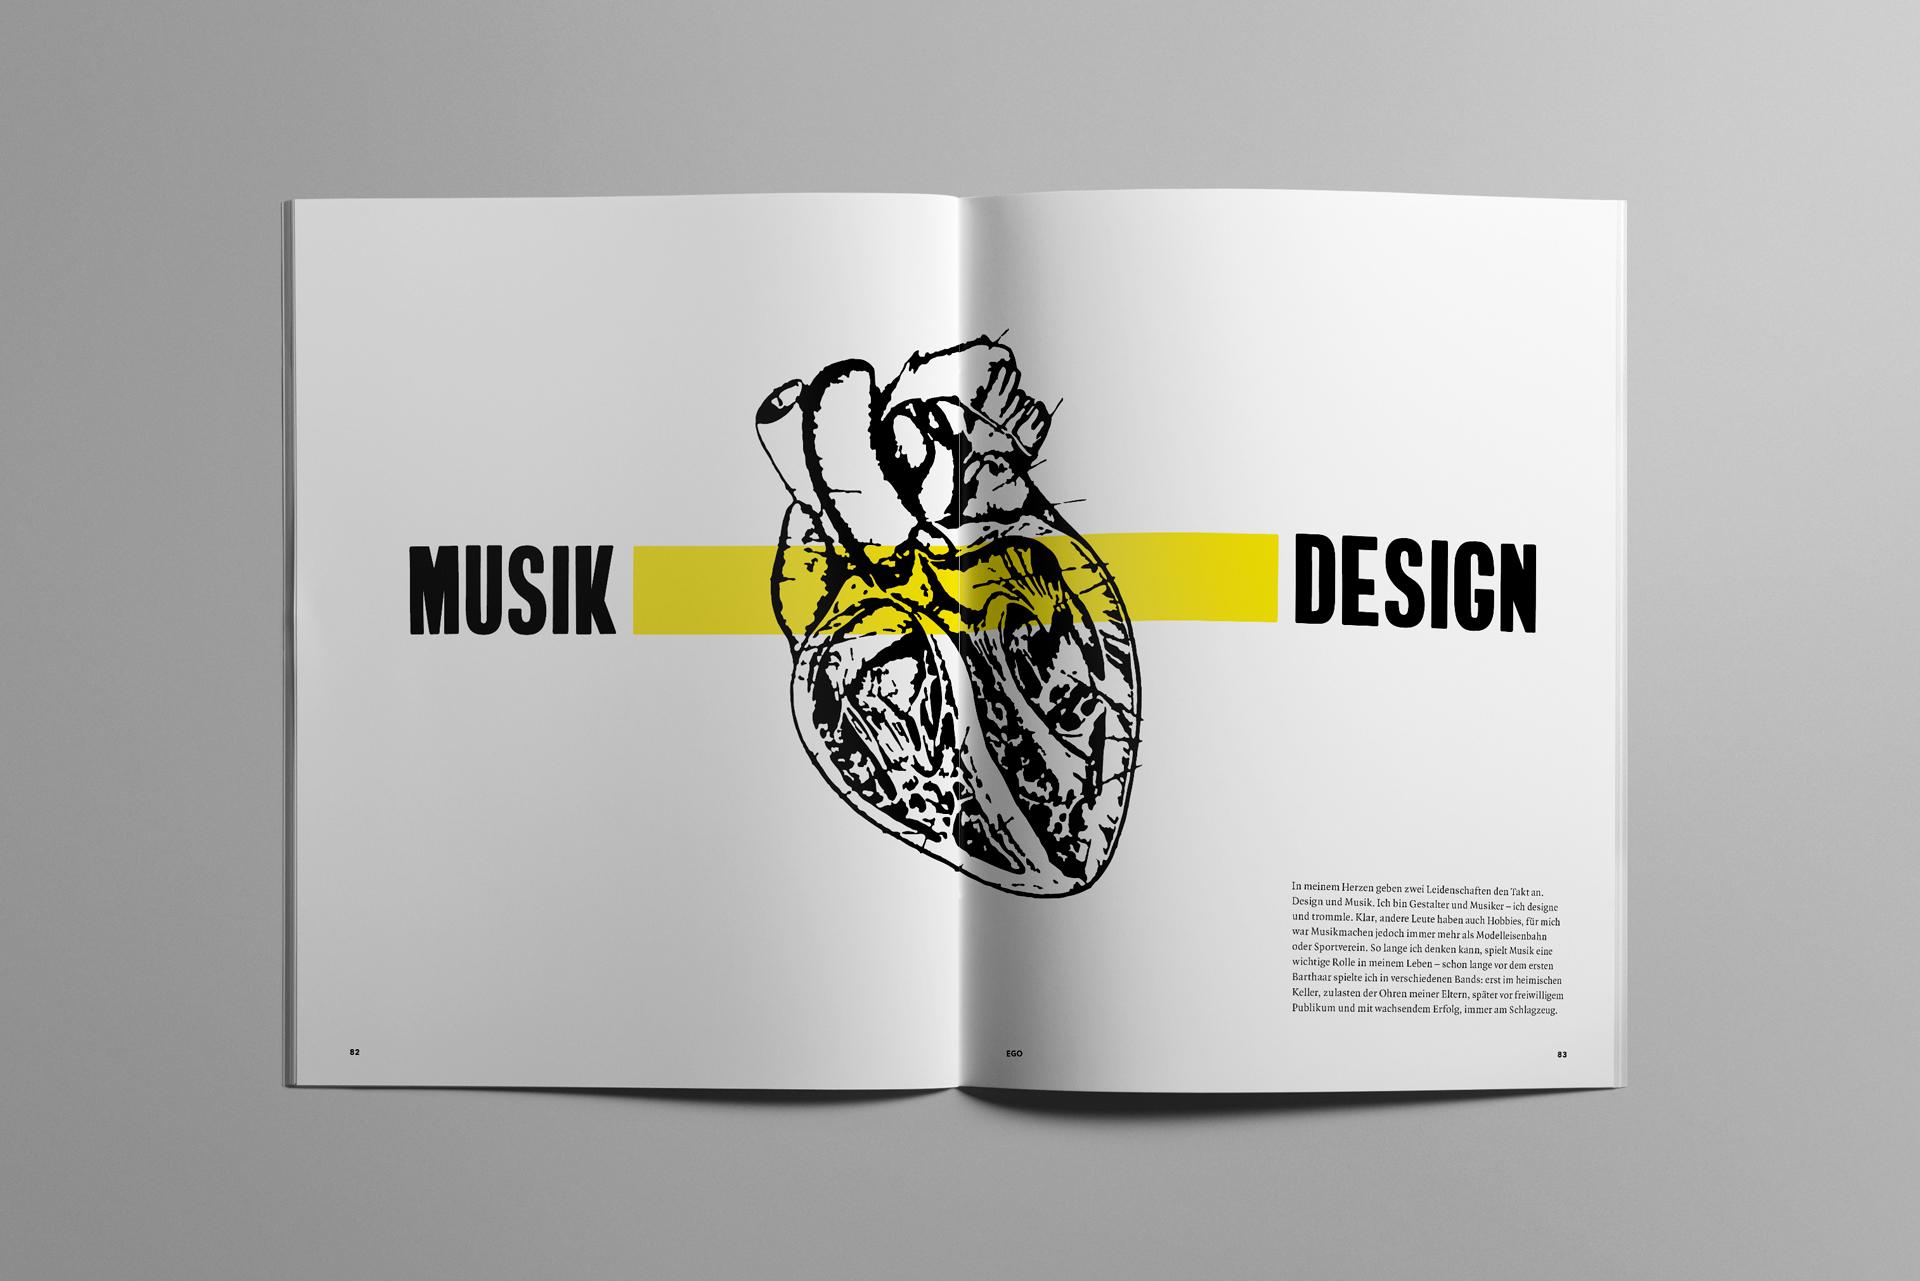 mockup_doppelseite_musik+design